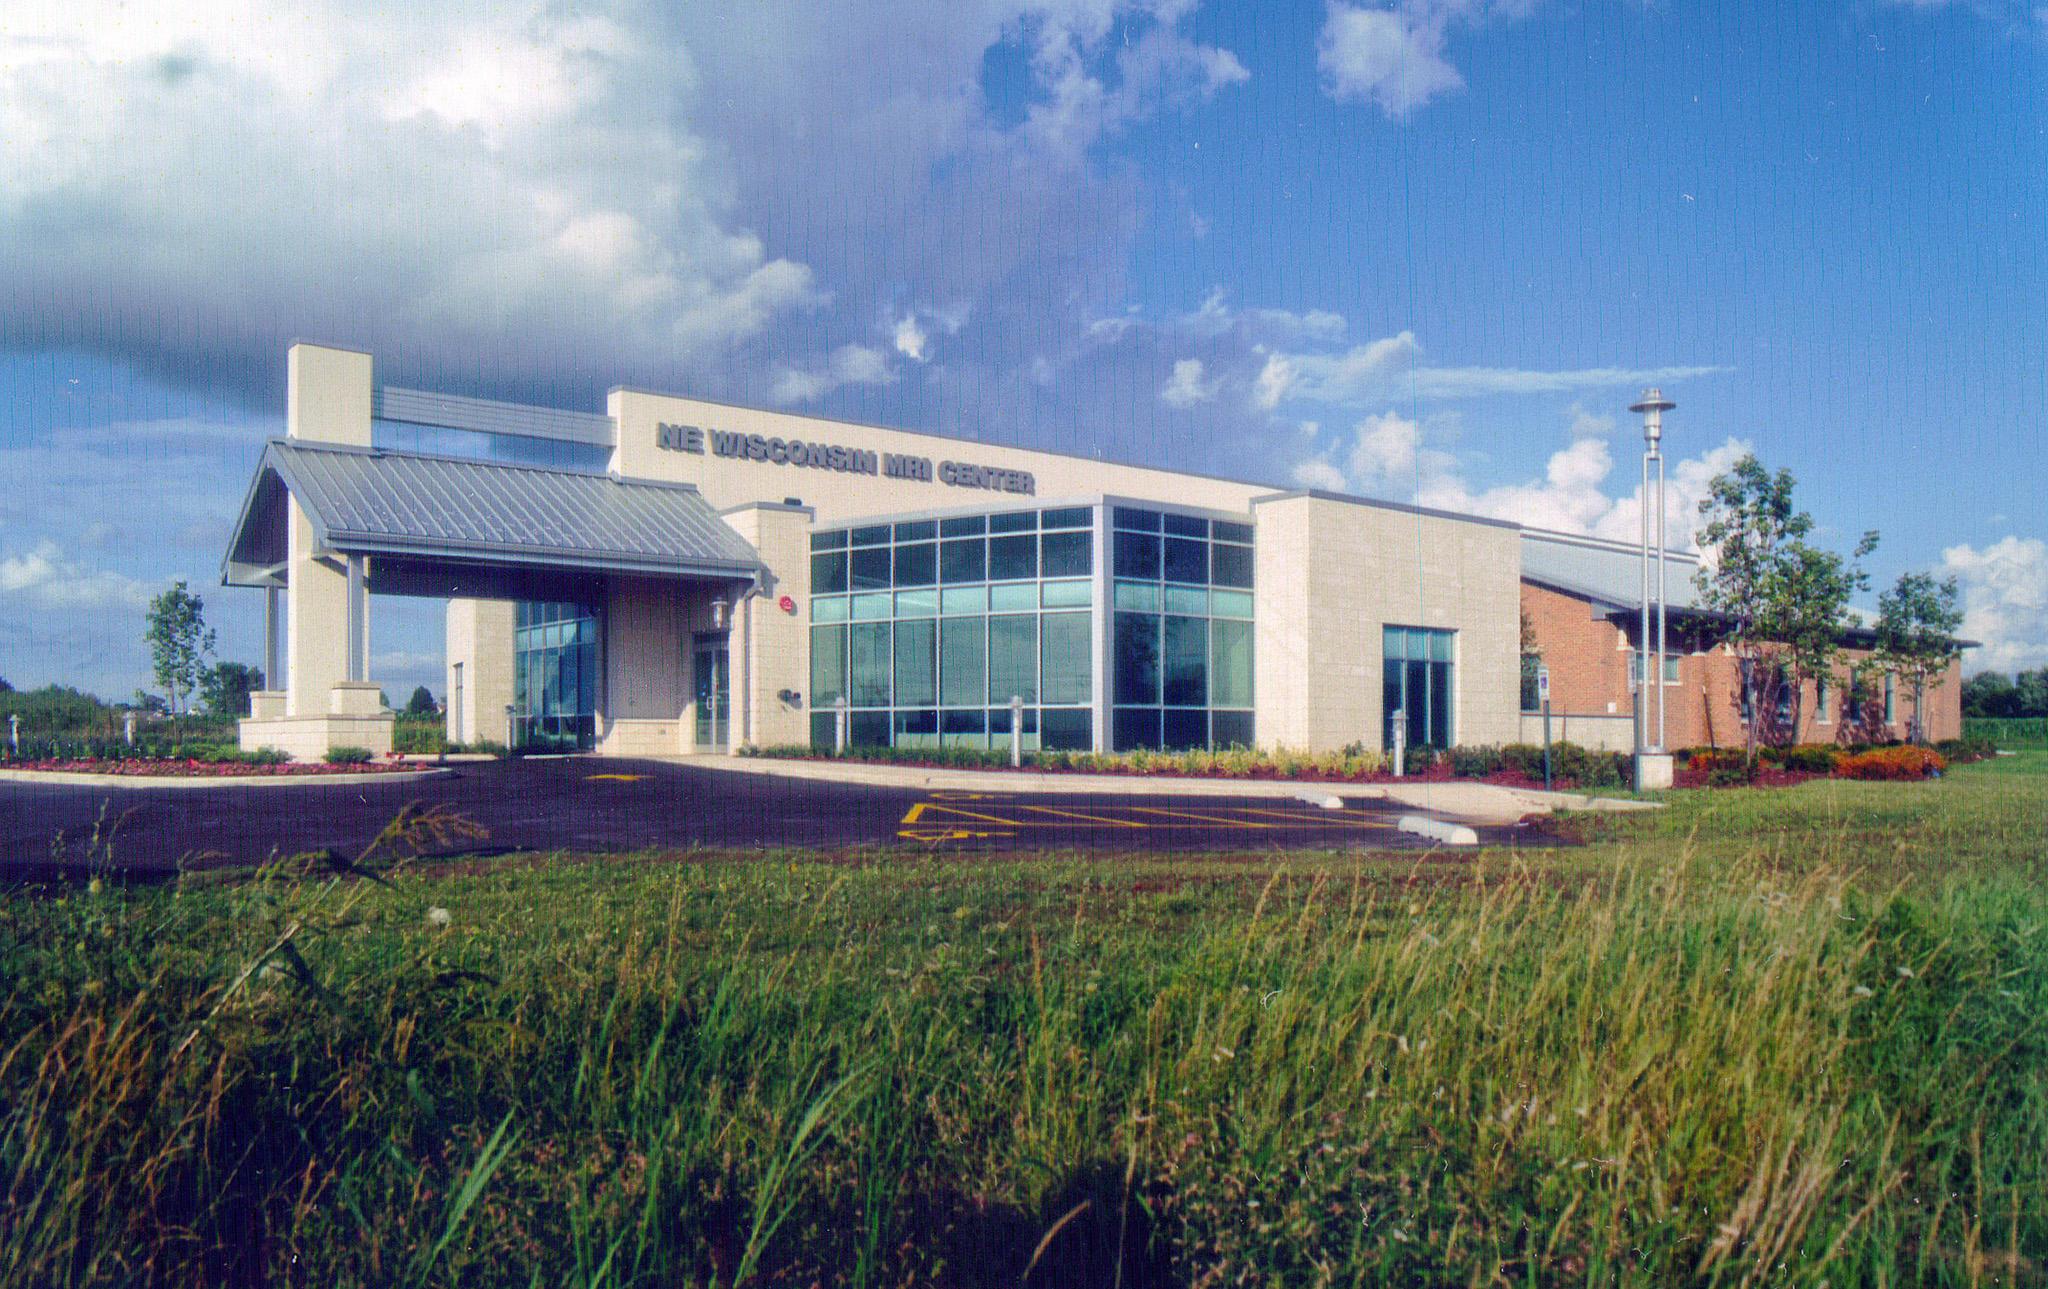 1_Northeast-Wisconsin-MRI-Center